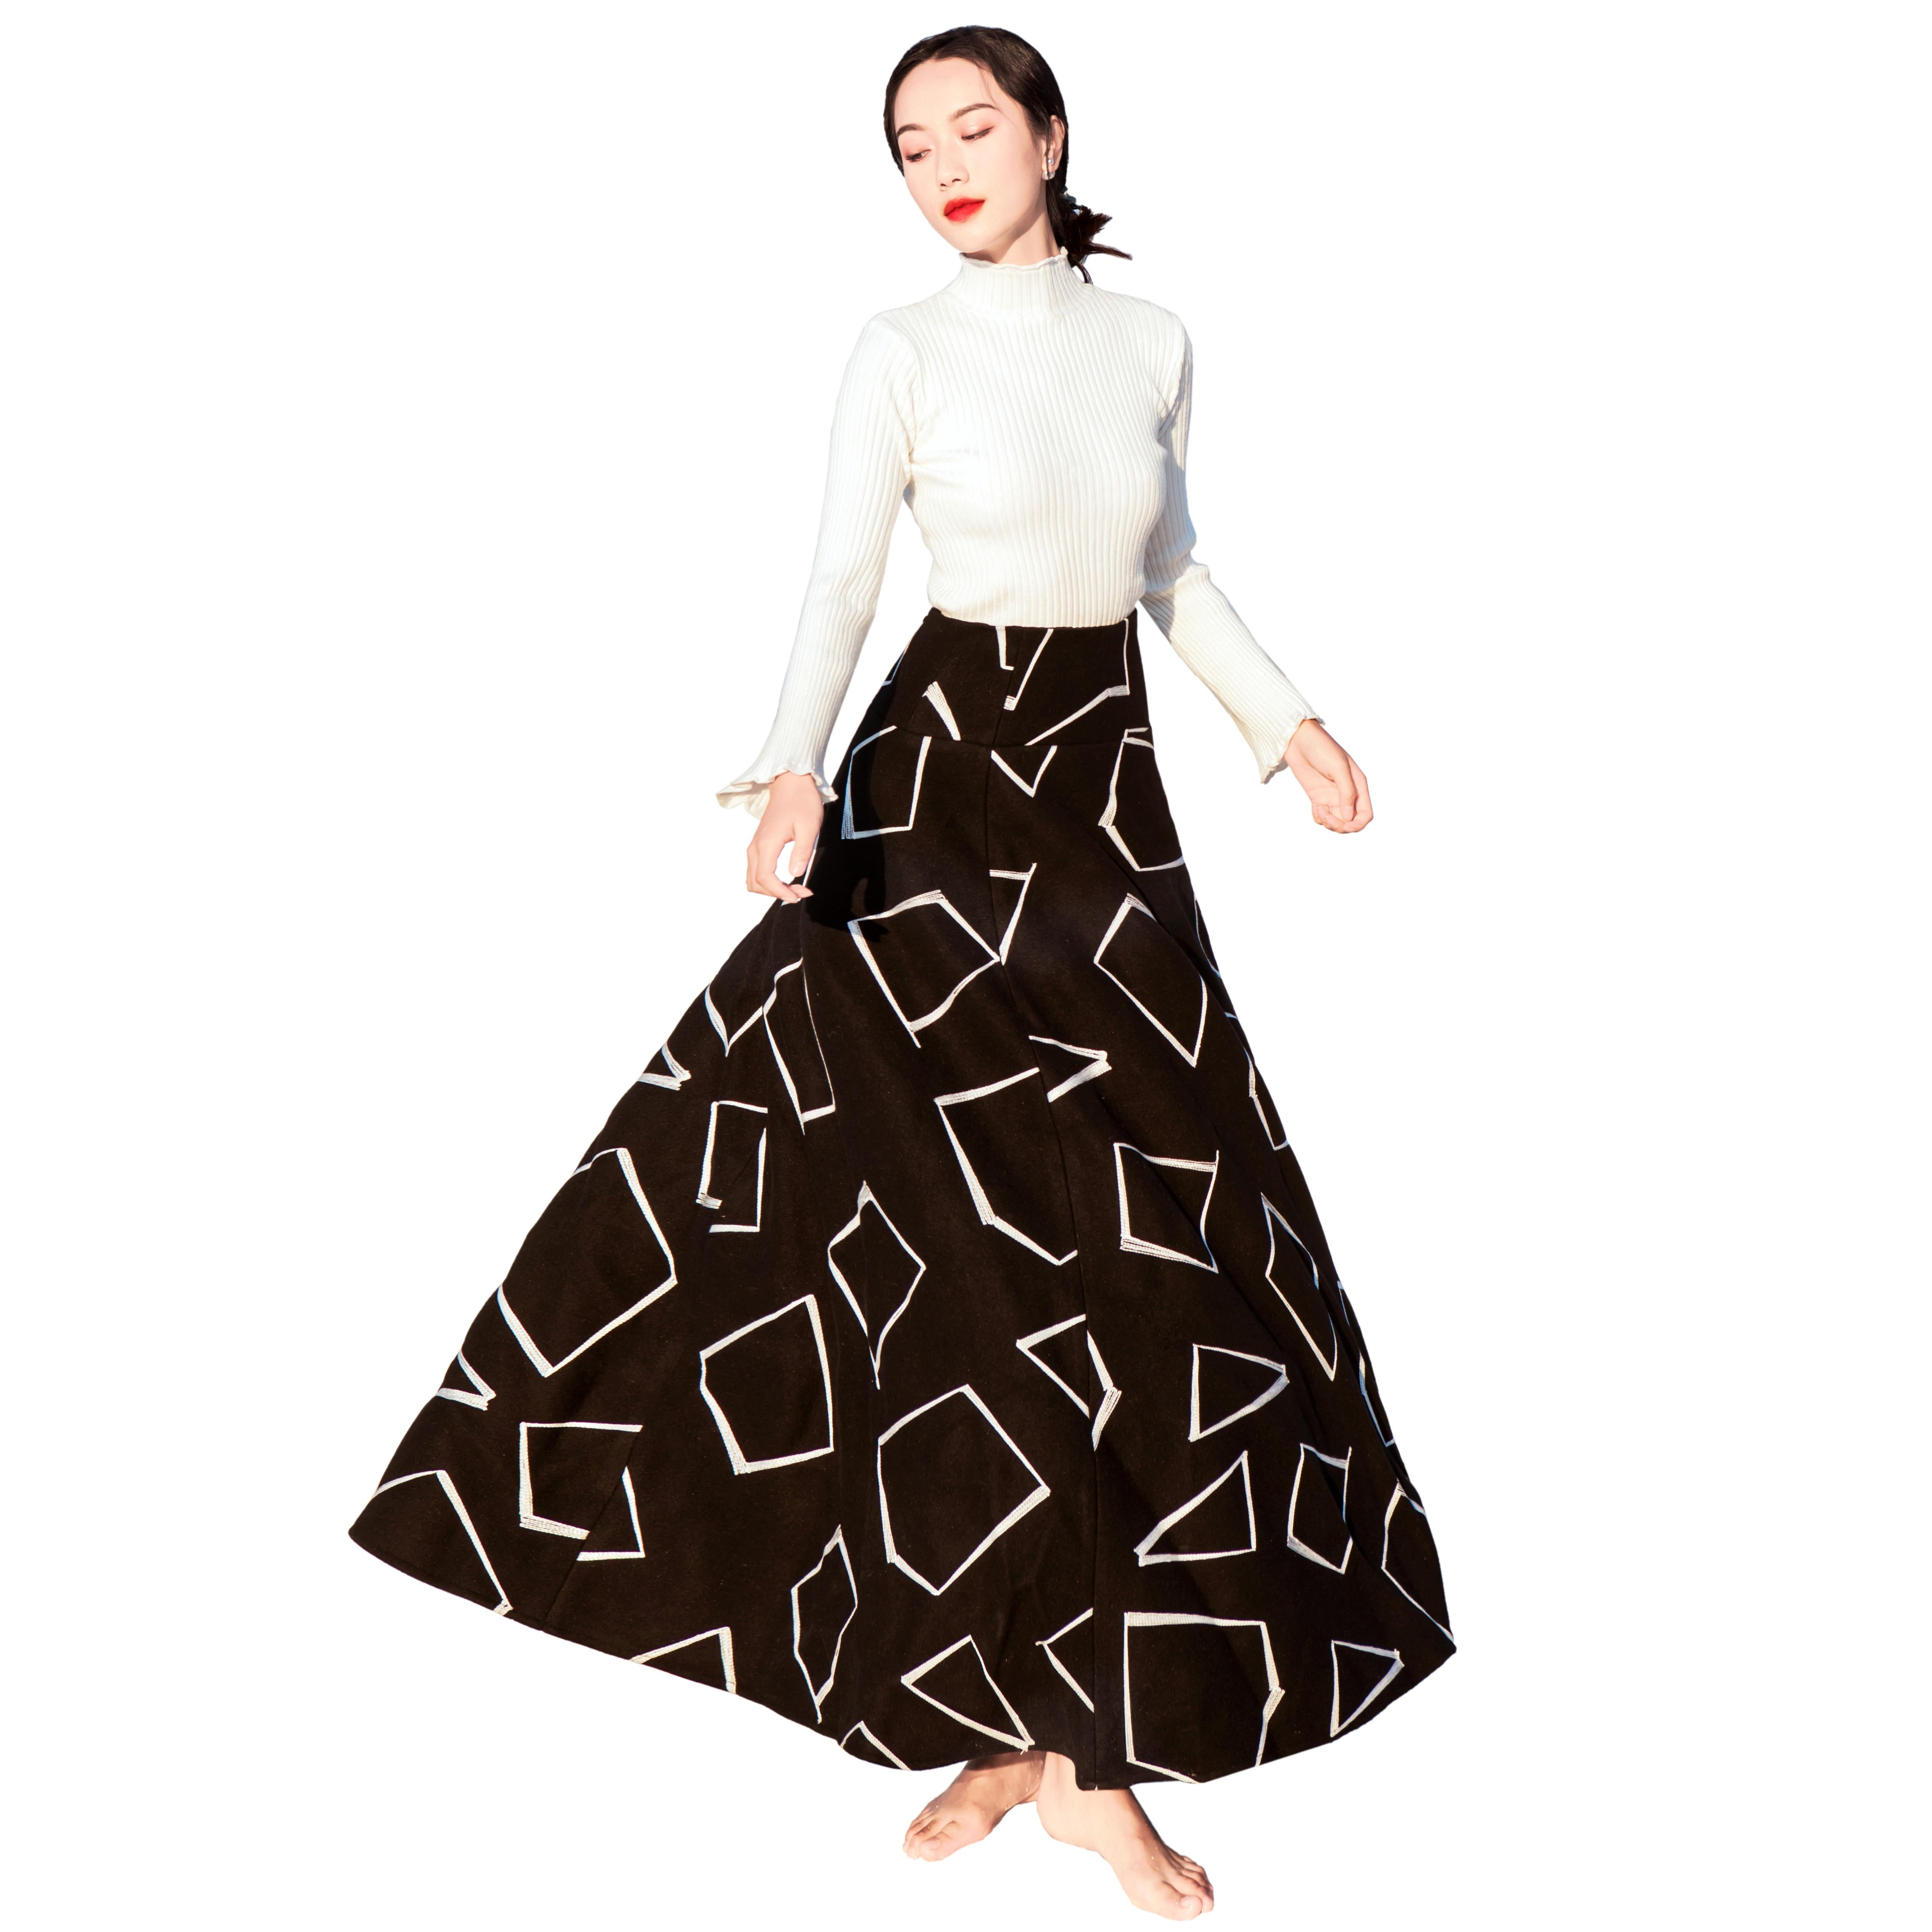 YOSIMI 2018 зимнее женское платье для женщин комплект из двух предметов пуловер с длинными рукавами Блузка + шерстяная юбка костюм комплект из 2 п... - 5